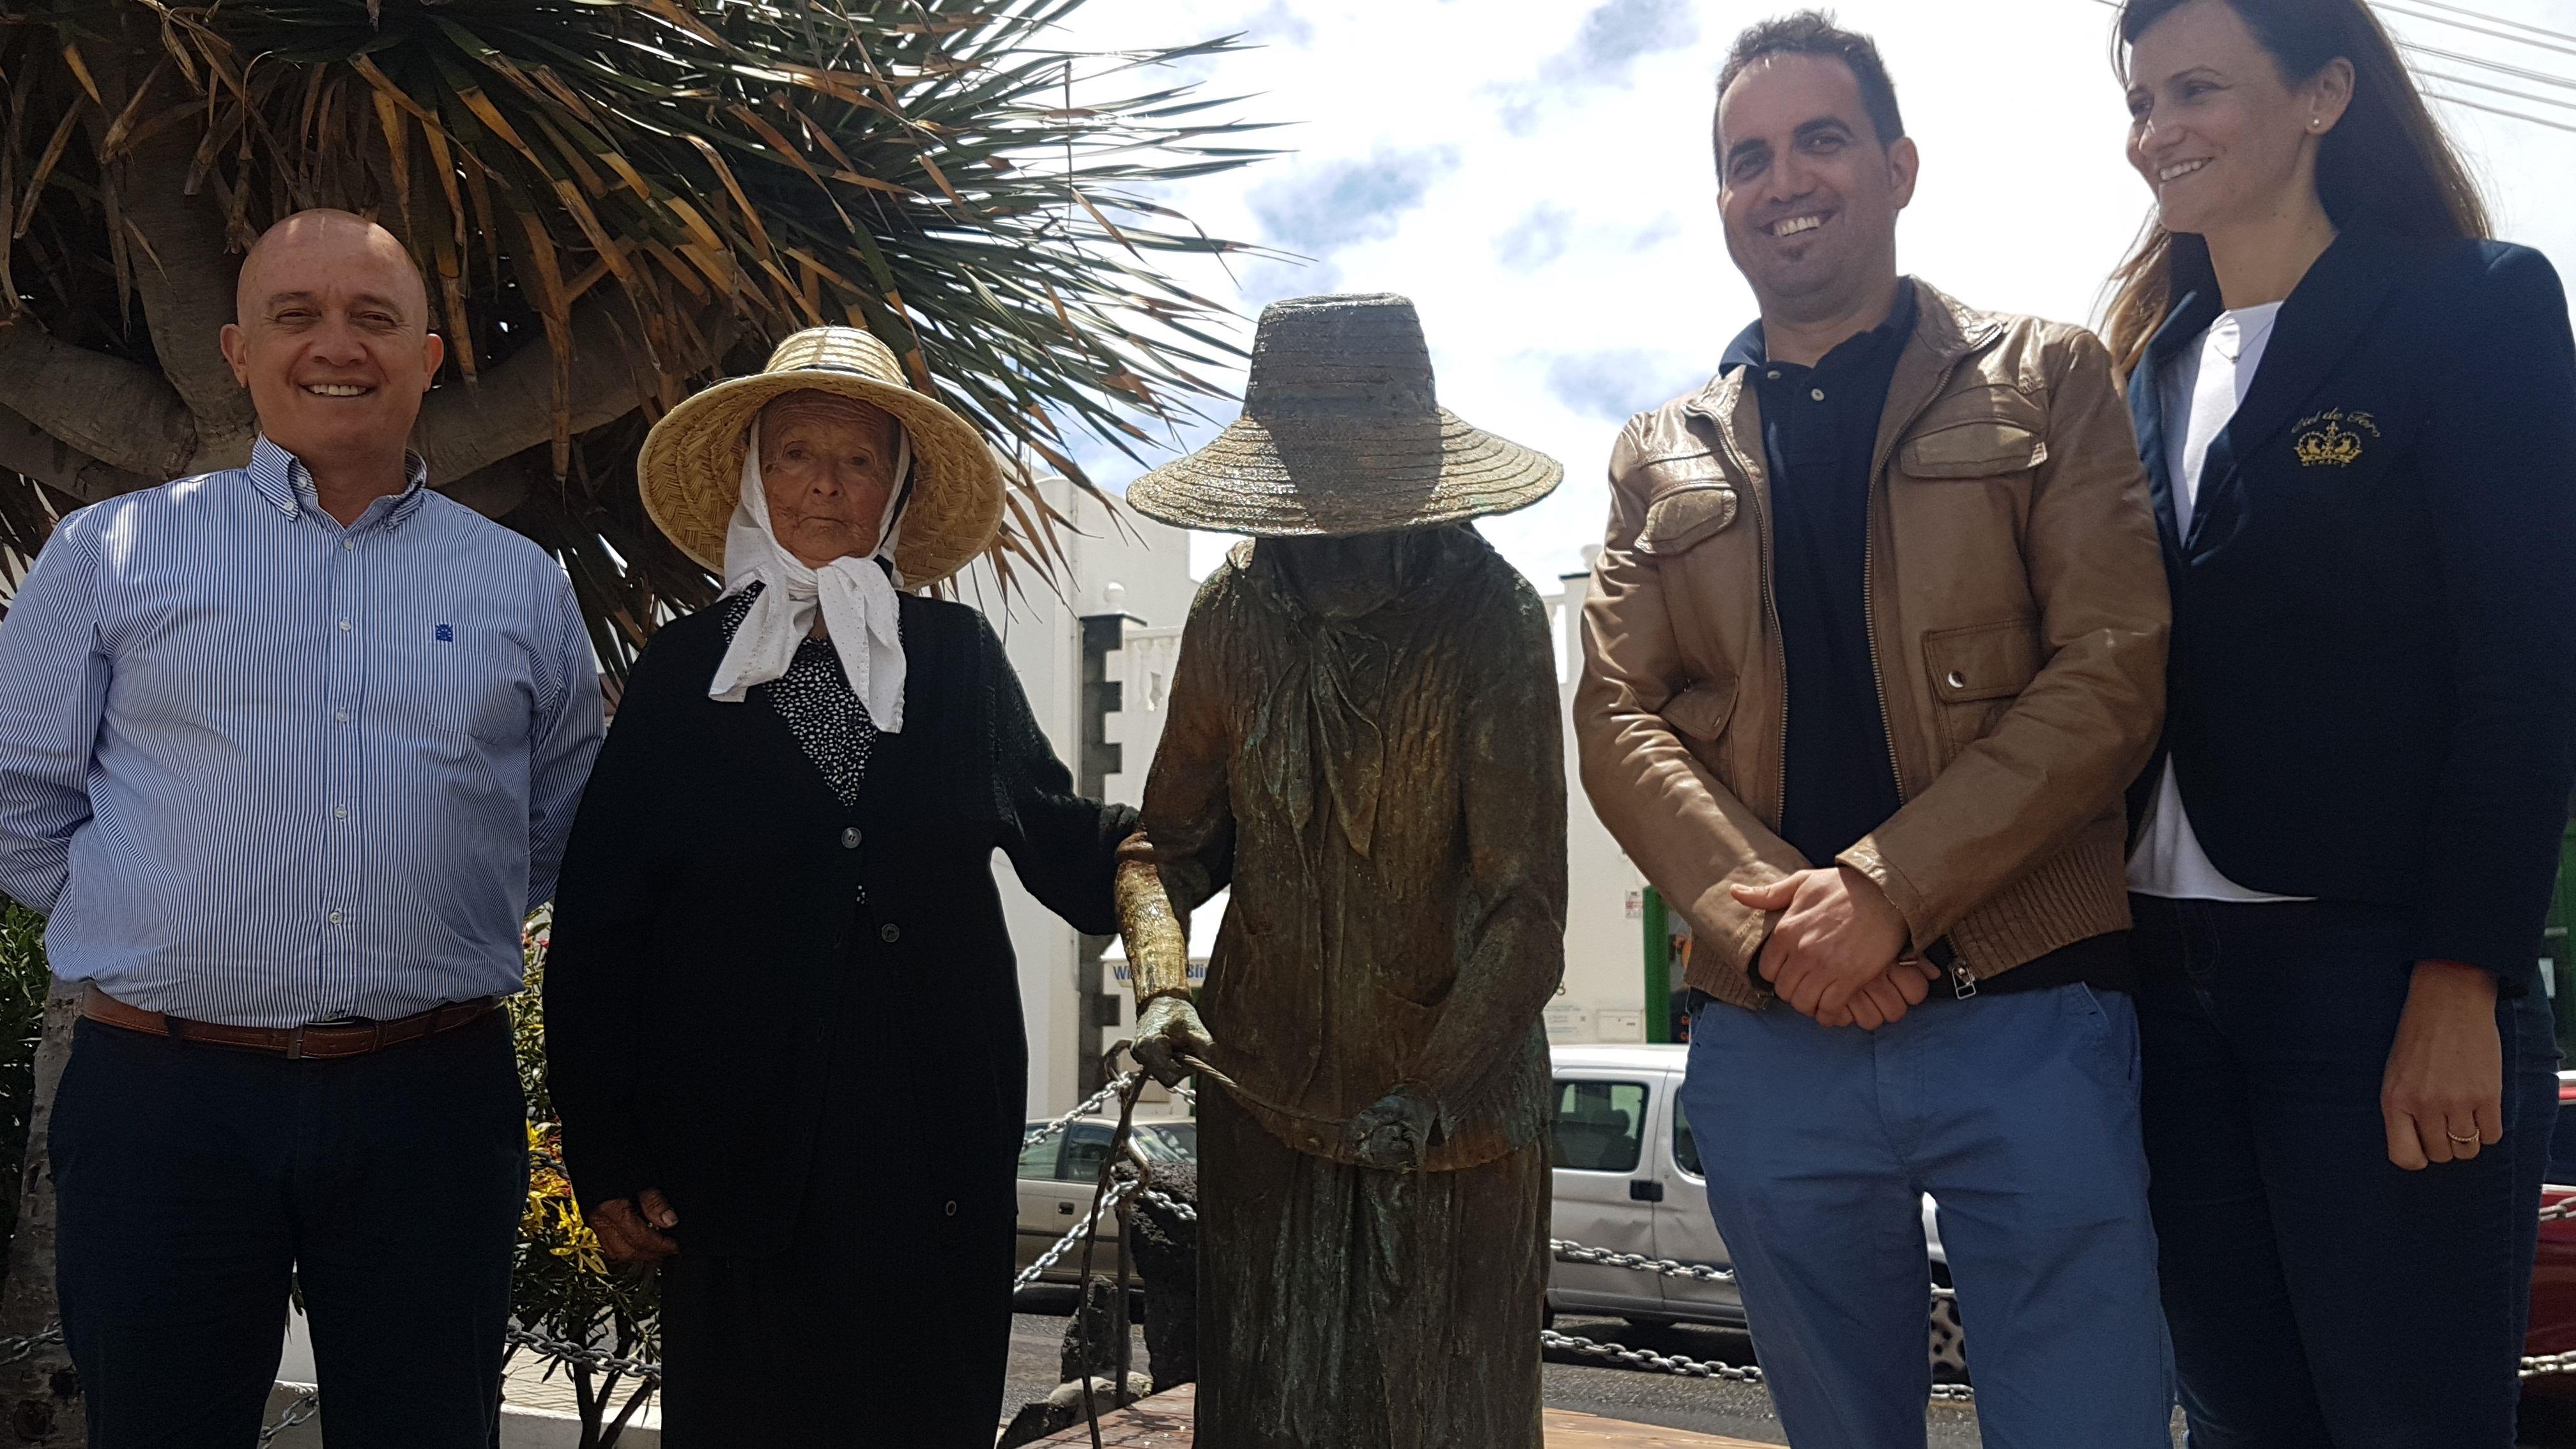 La campesina Carmen Hernández, de 93 años, se reencuentra con la escultura que inspiró al Ayuntamiento de Tías para homenajear la llegada del agua al sur de Lanzarote